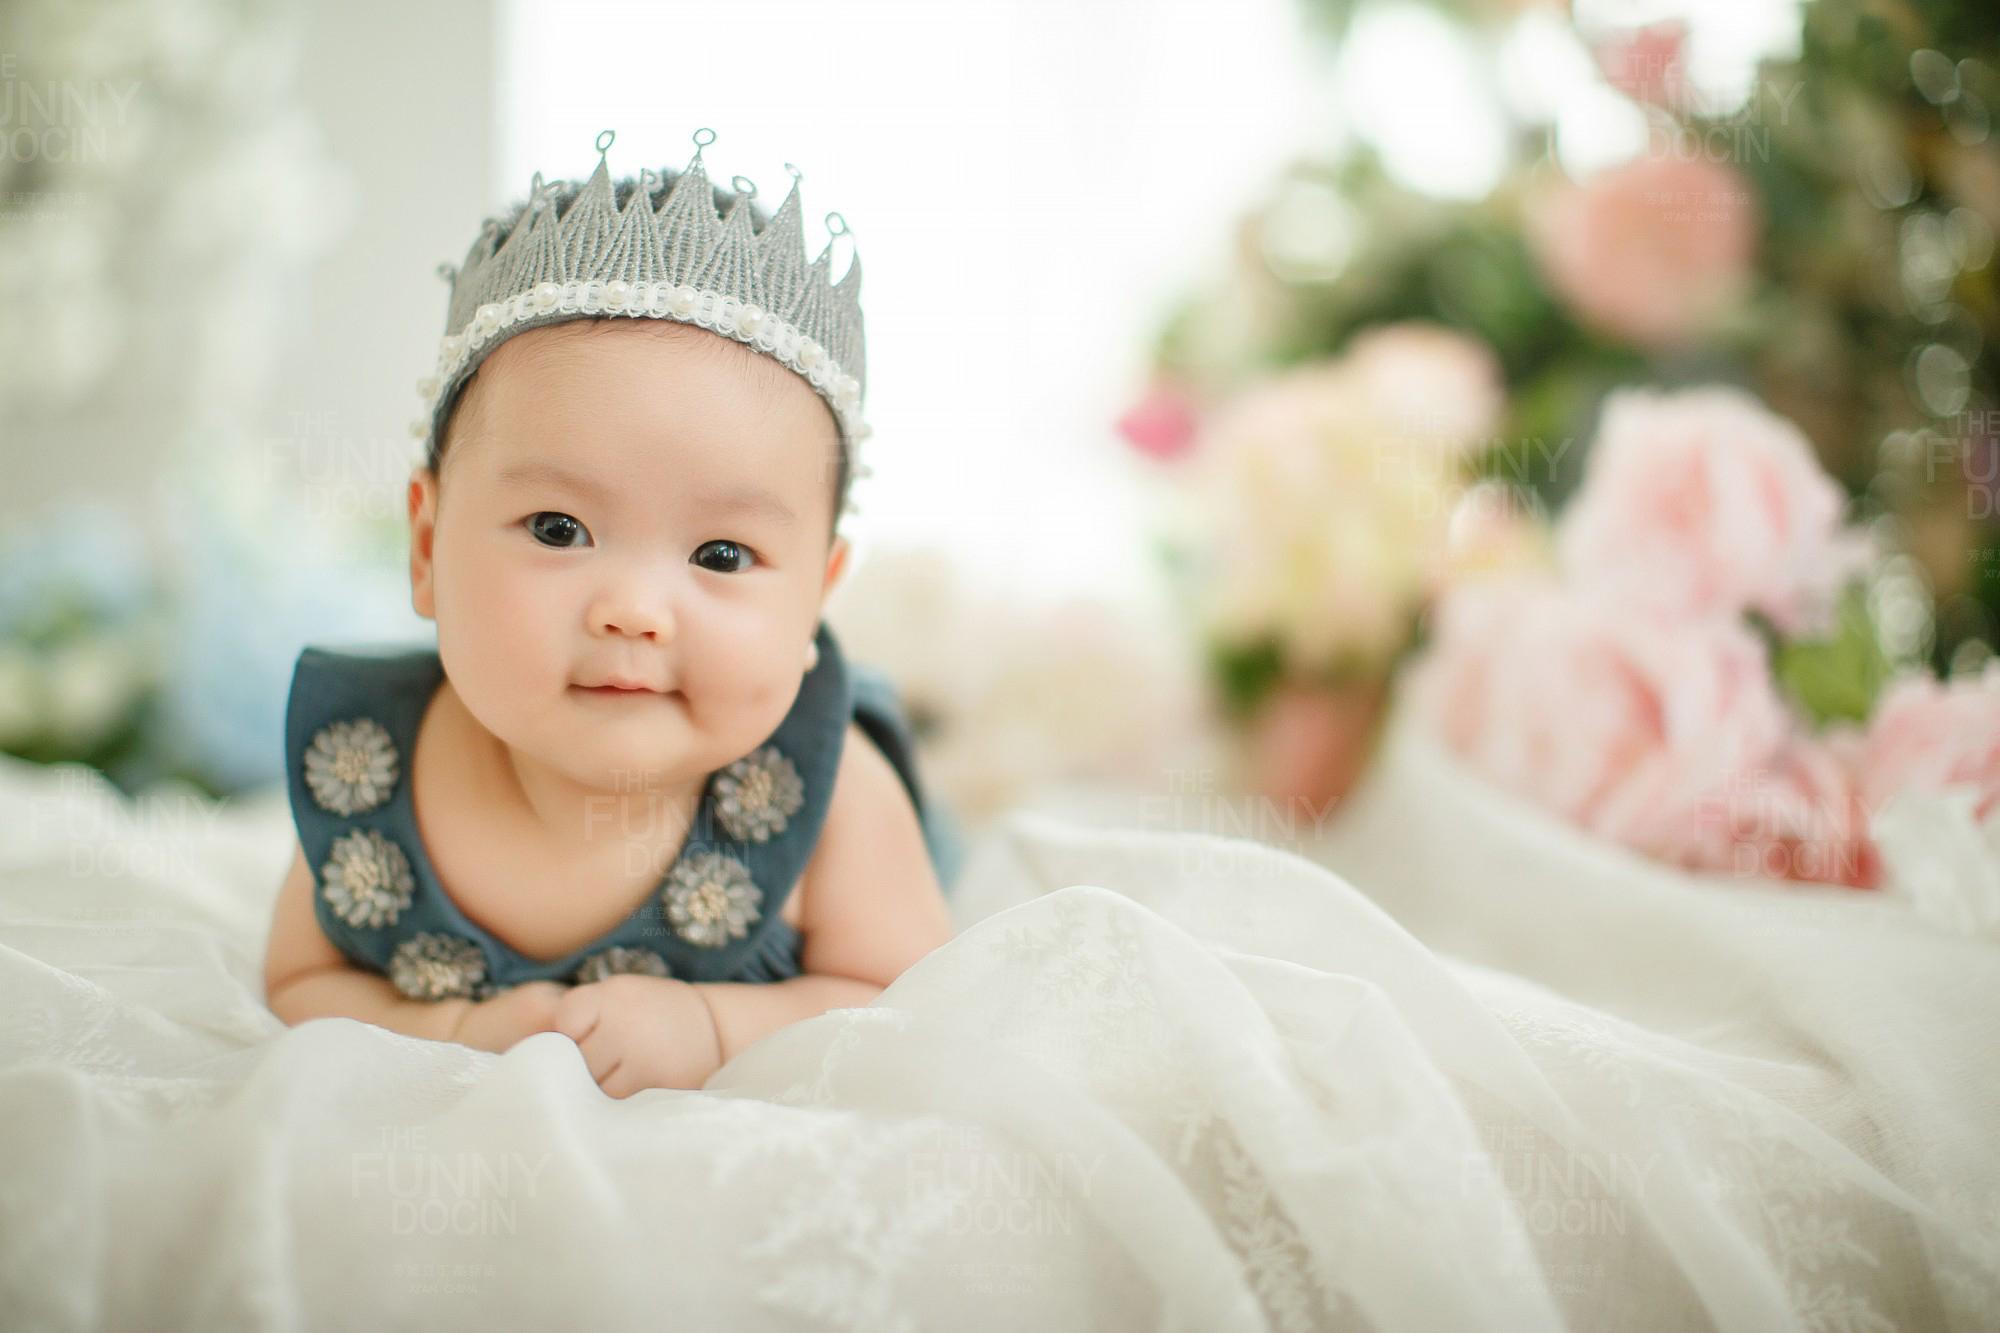 三个月宝宝不会坐,怎么拍百天照